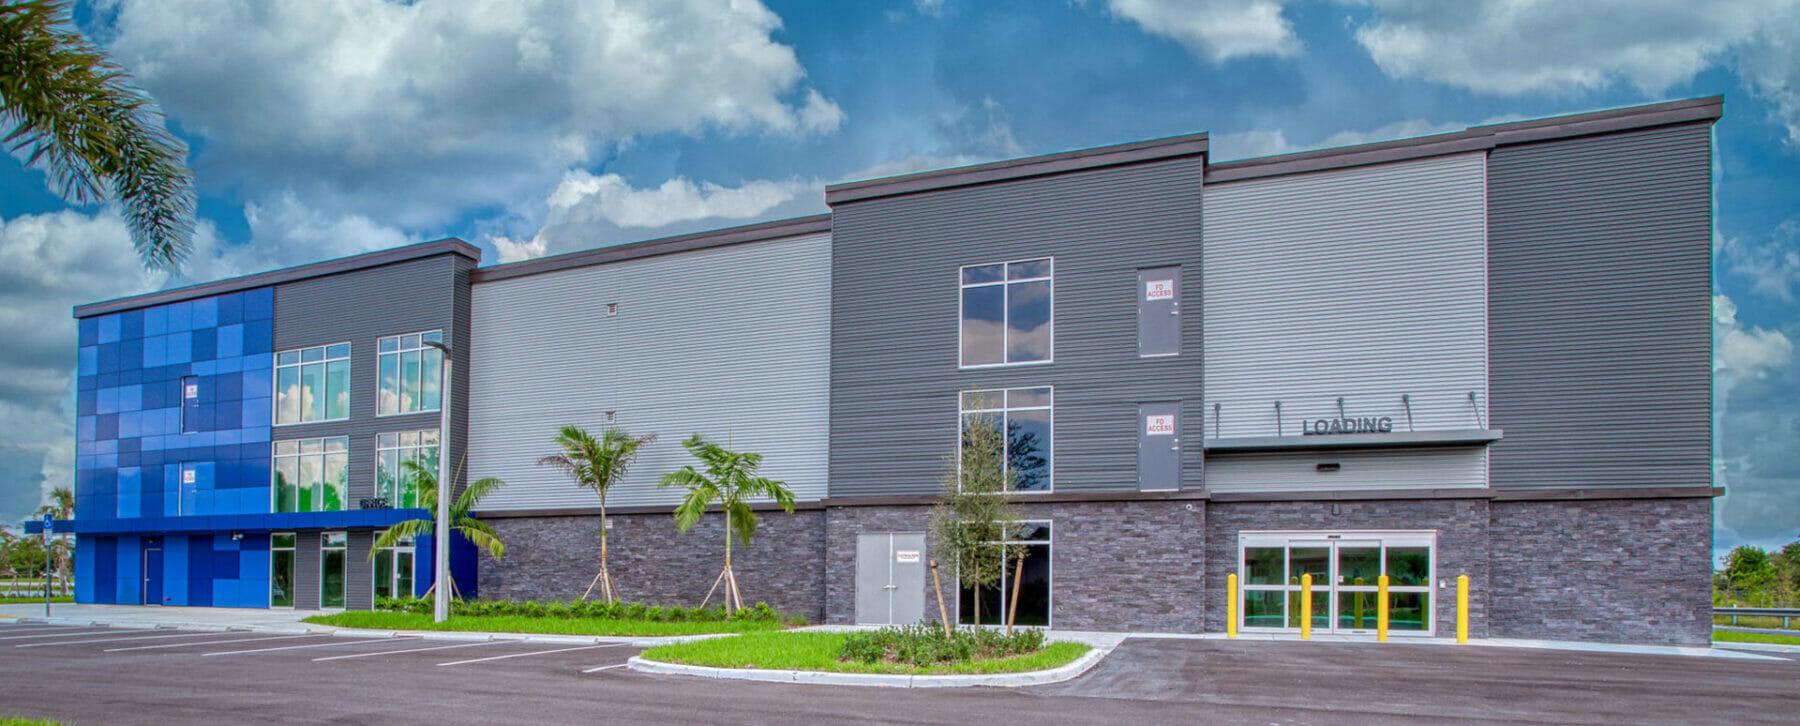 SAFStor - Pembroke Pines, FL 1